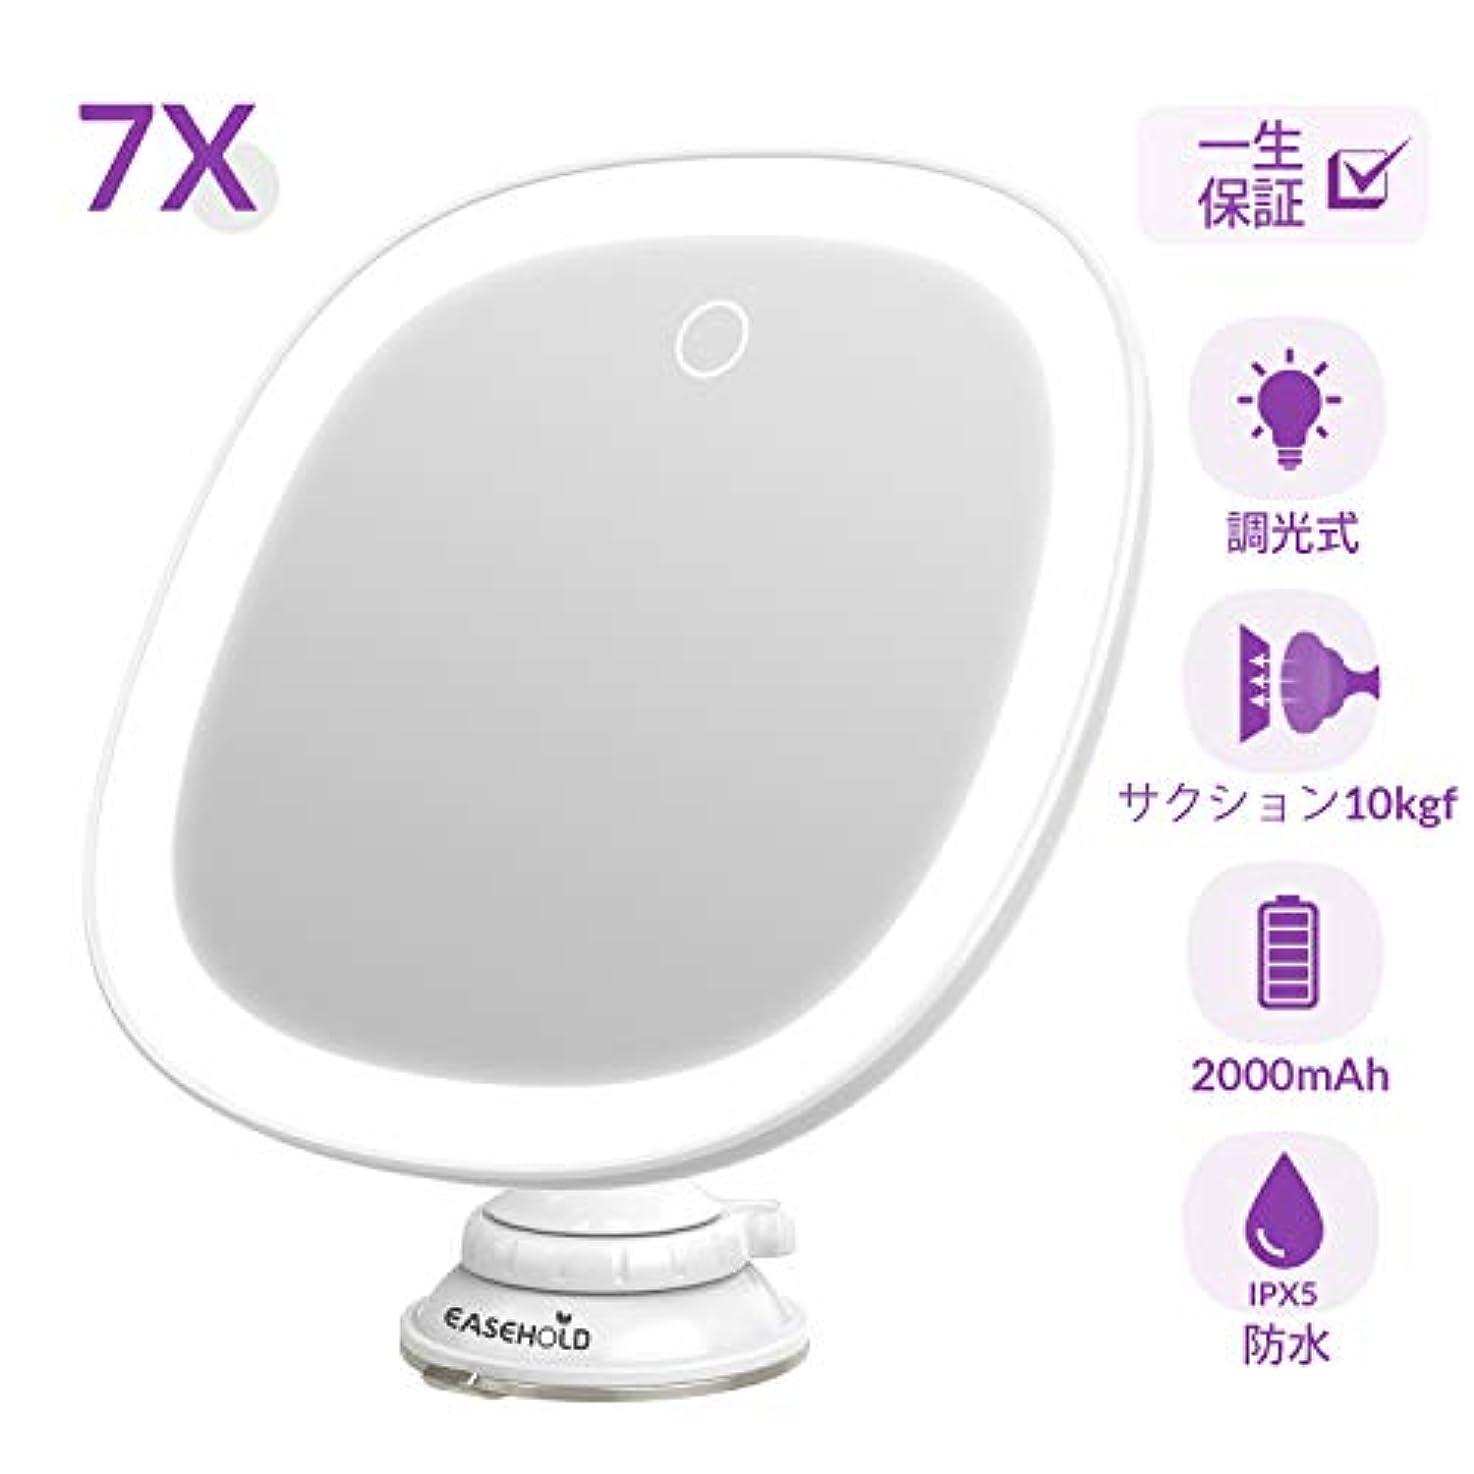 ケーキフェミニンフラフープEasehold 7倍拡大鏡 LED化粧鏡 浴室鏡 卓上鏡 吸盤ロック付きLEDミラー 壁掛けメイクミラー 360度回転スタンドミラー 明るさ調節可能 USB充電 IPX5防水